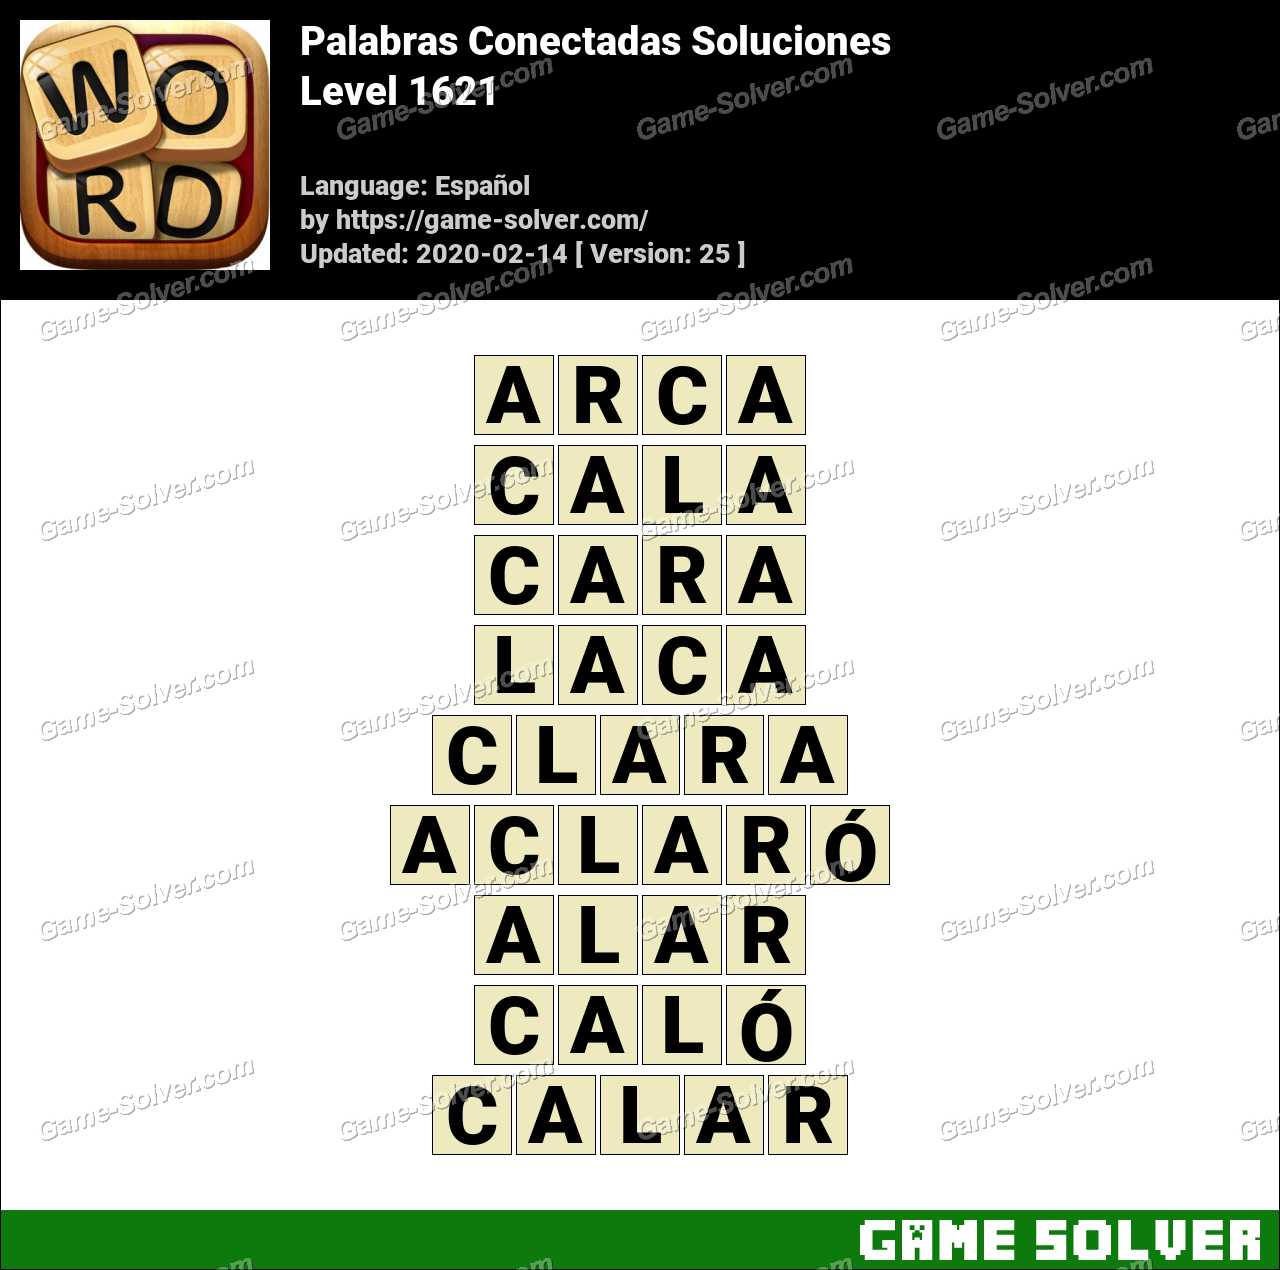 Palabras Conectadas Nivel 1621 Soluciones